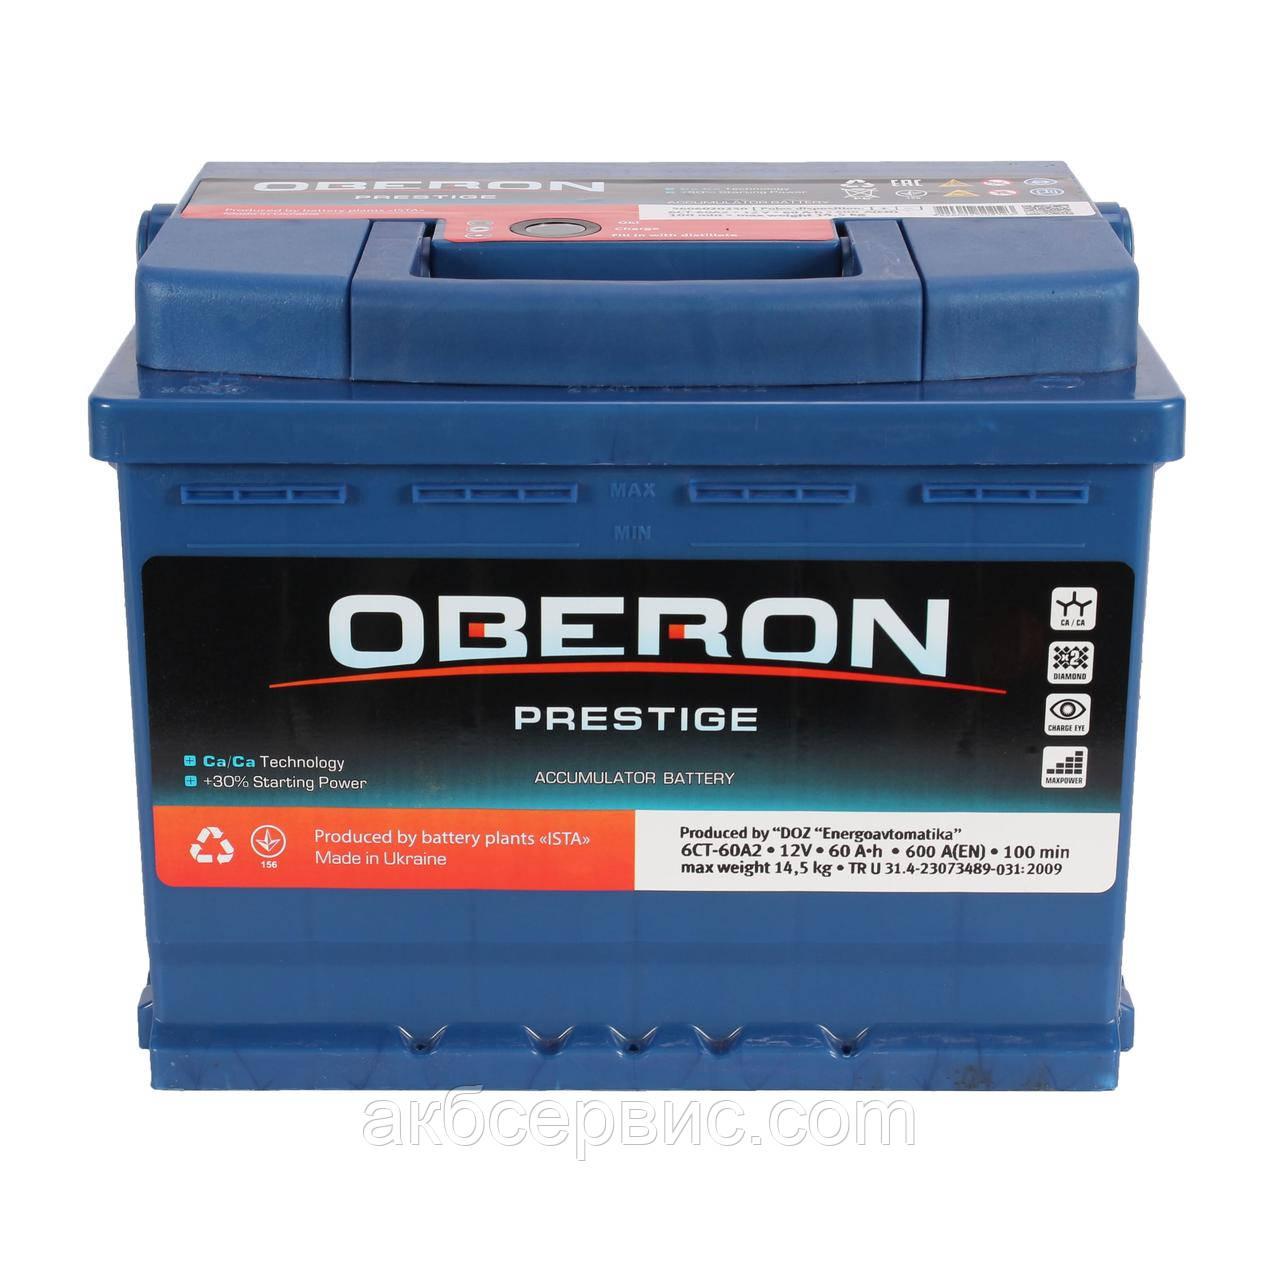 Аккумулятор автомобильный Oberon 6СТ-60 Aз Prestige